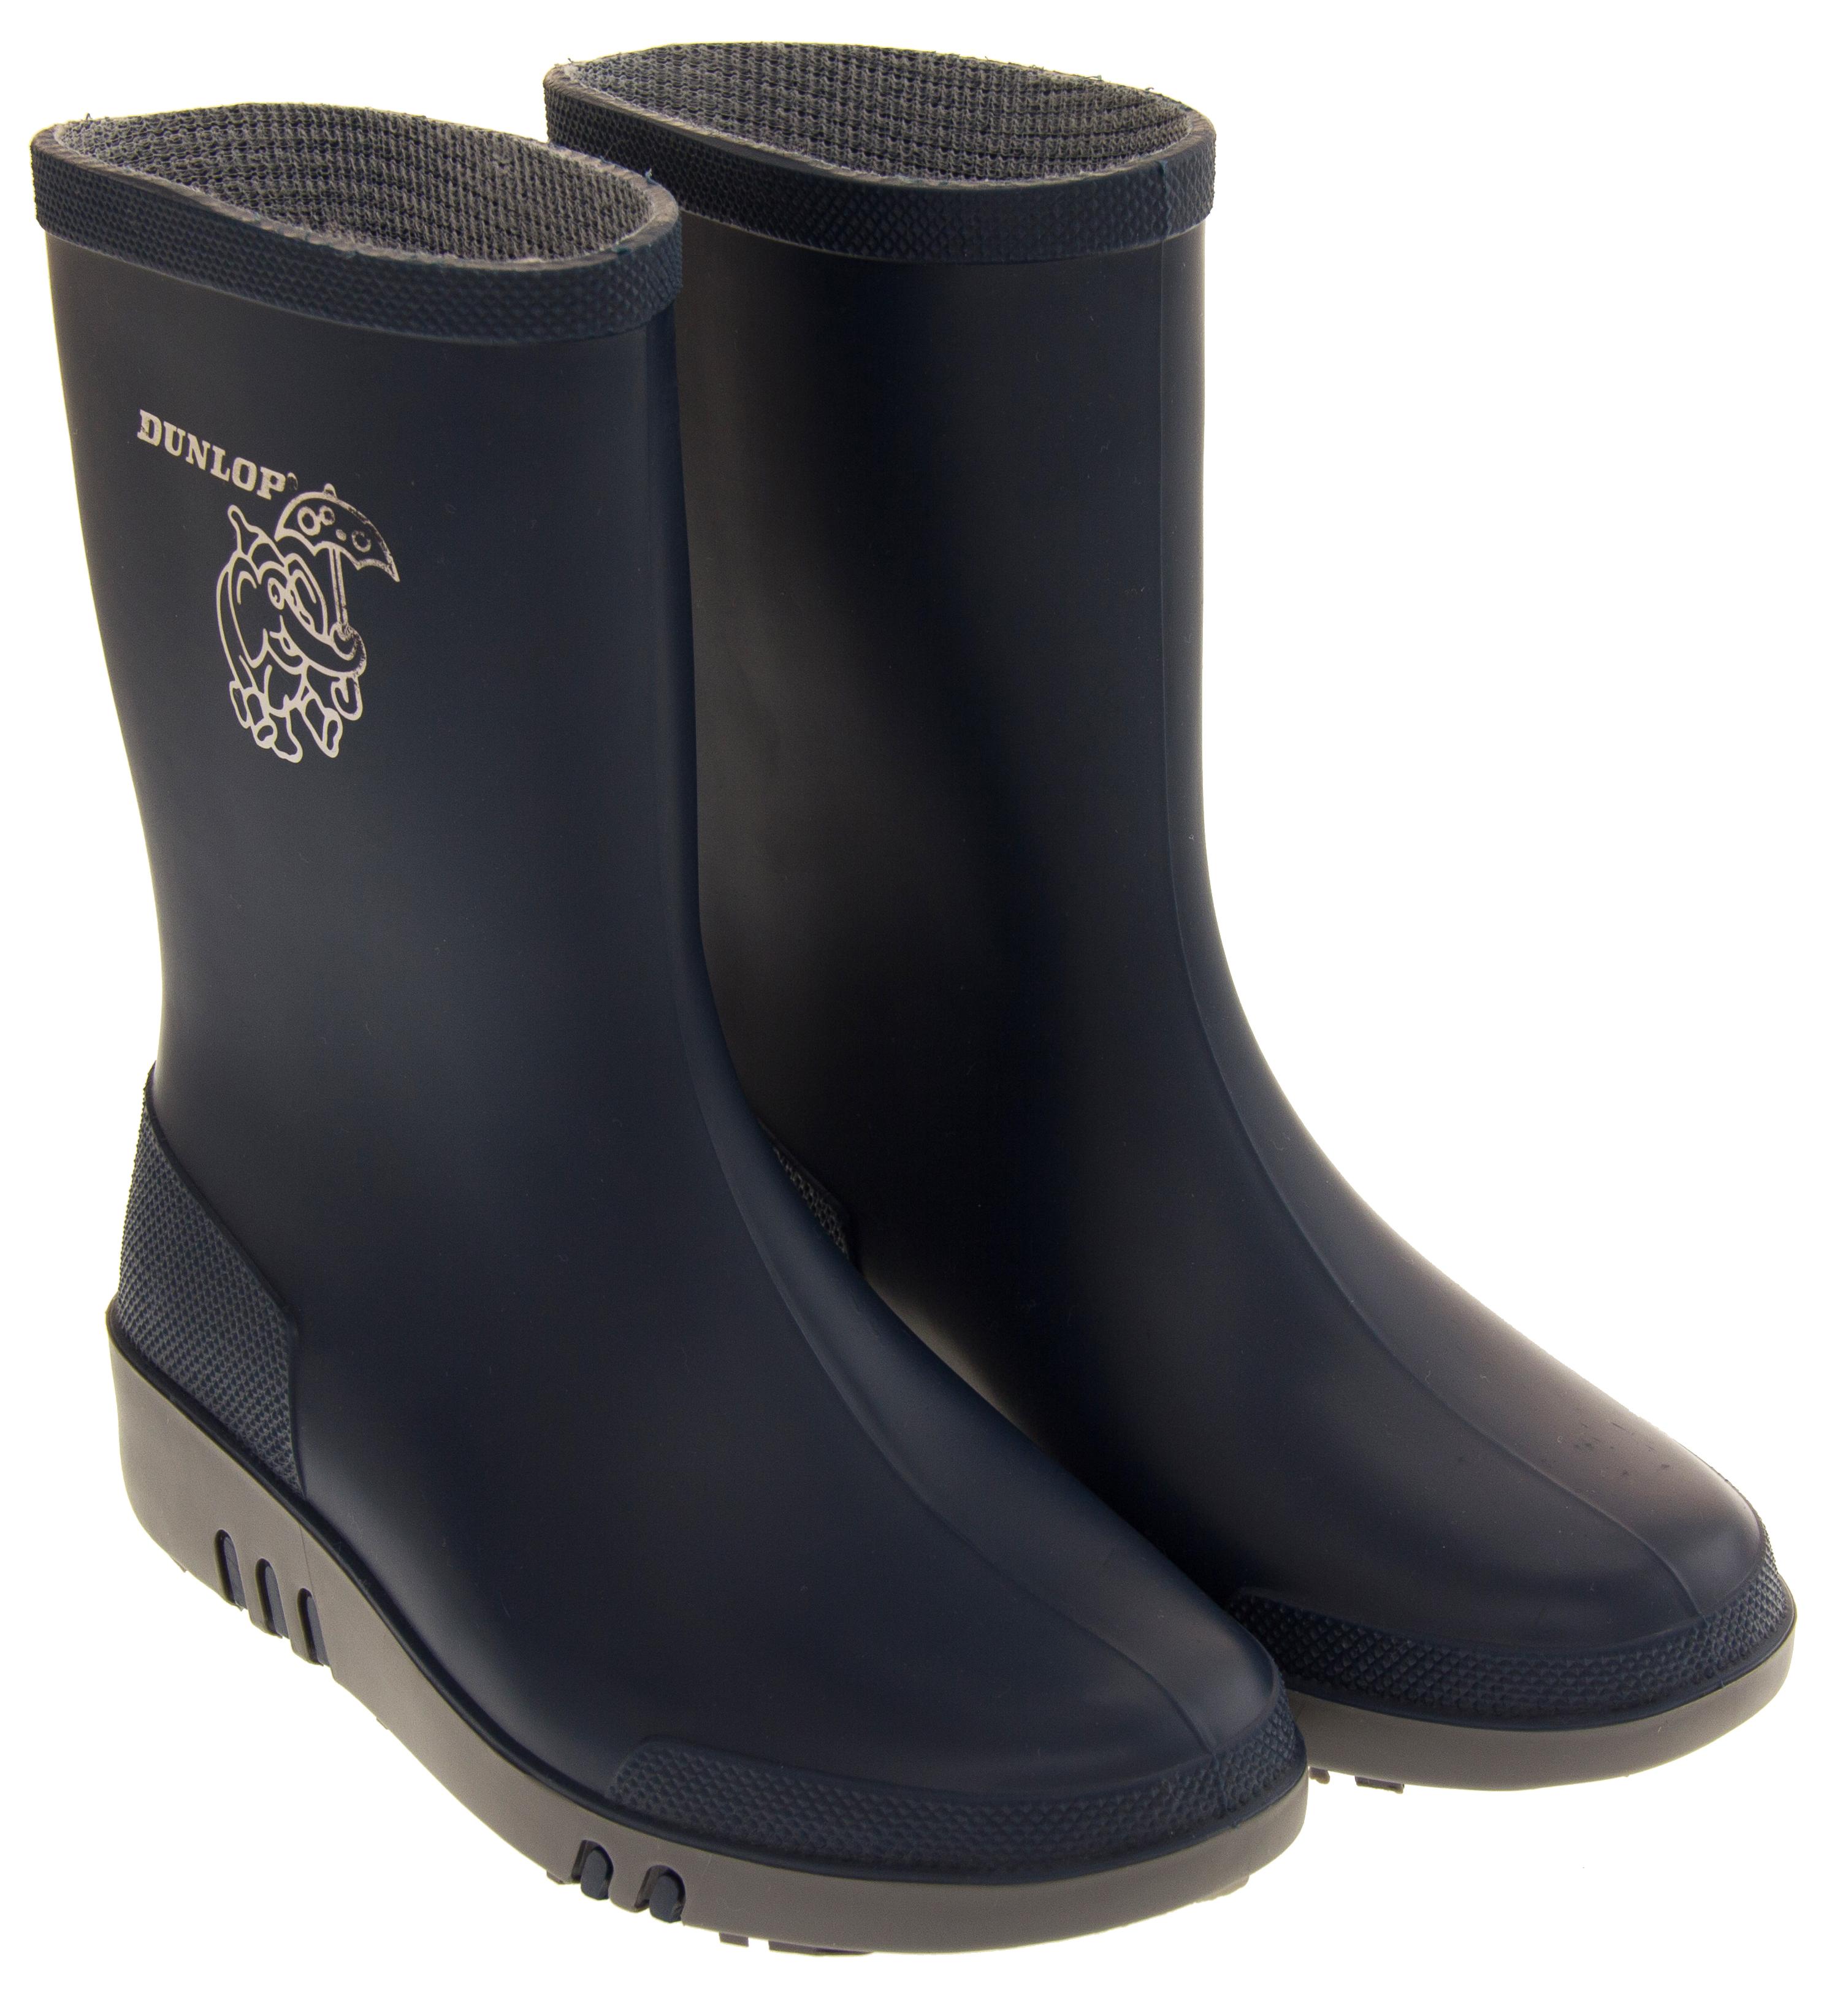 3b8691fcd7ce Sentinel Boys Girls DUNLOP Elephant Wellington Boots Kids Waterproof Size 4  8 9 11 12